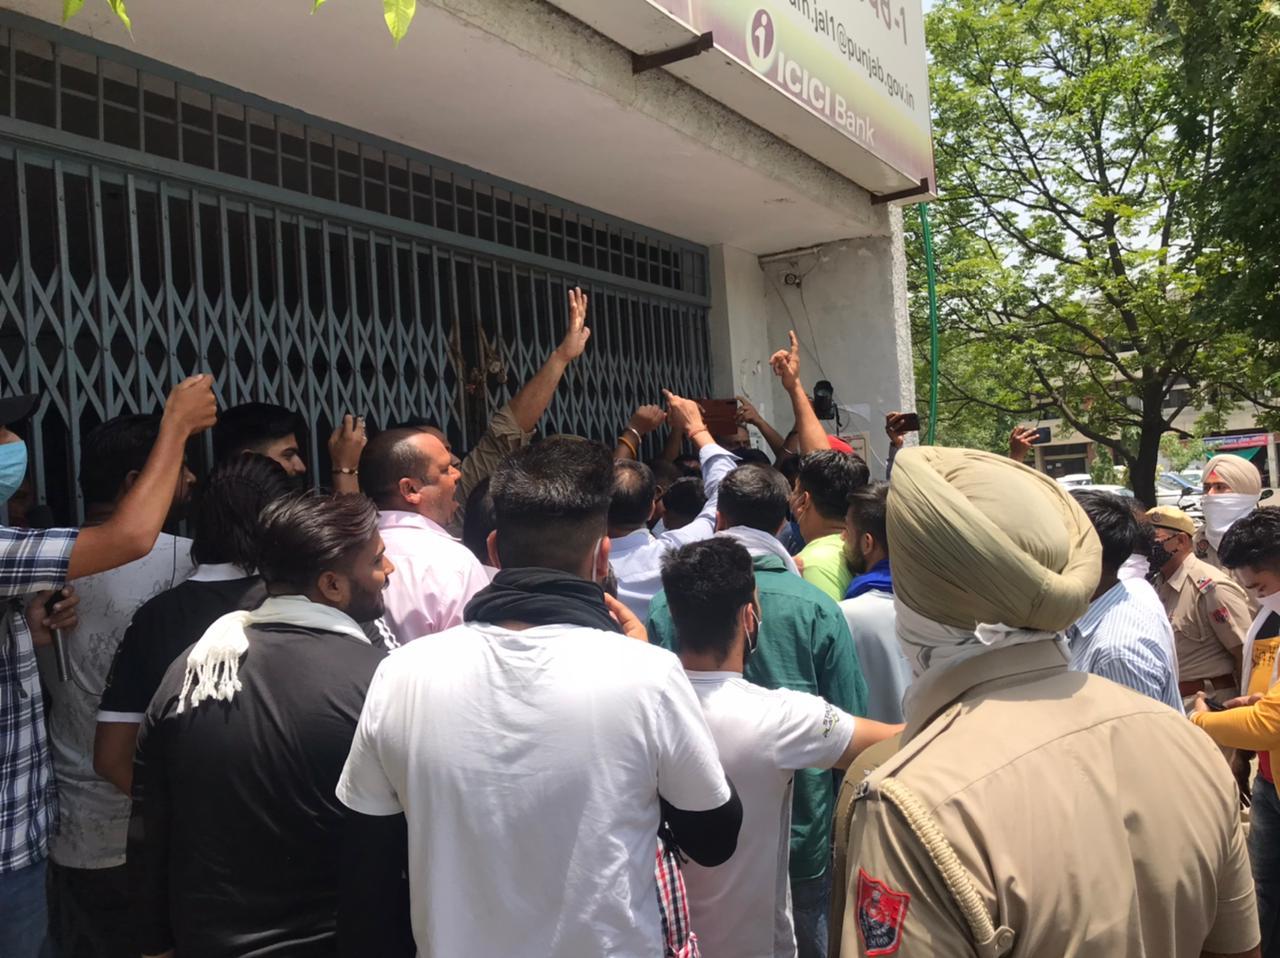 DC ऑफिस के अंदर जाने के लिए गेट पर पुलिस के साथ धक्कामुक्की के दौरान नारेबाजी करते स्टूडेंट्स व मोर्चे के नेता। - Dainik Bhaskar